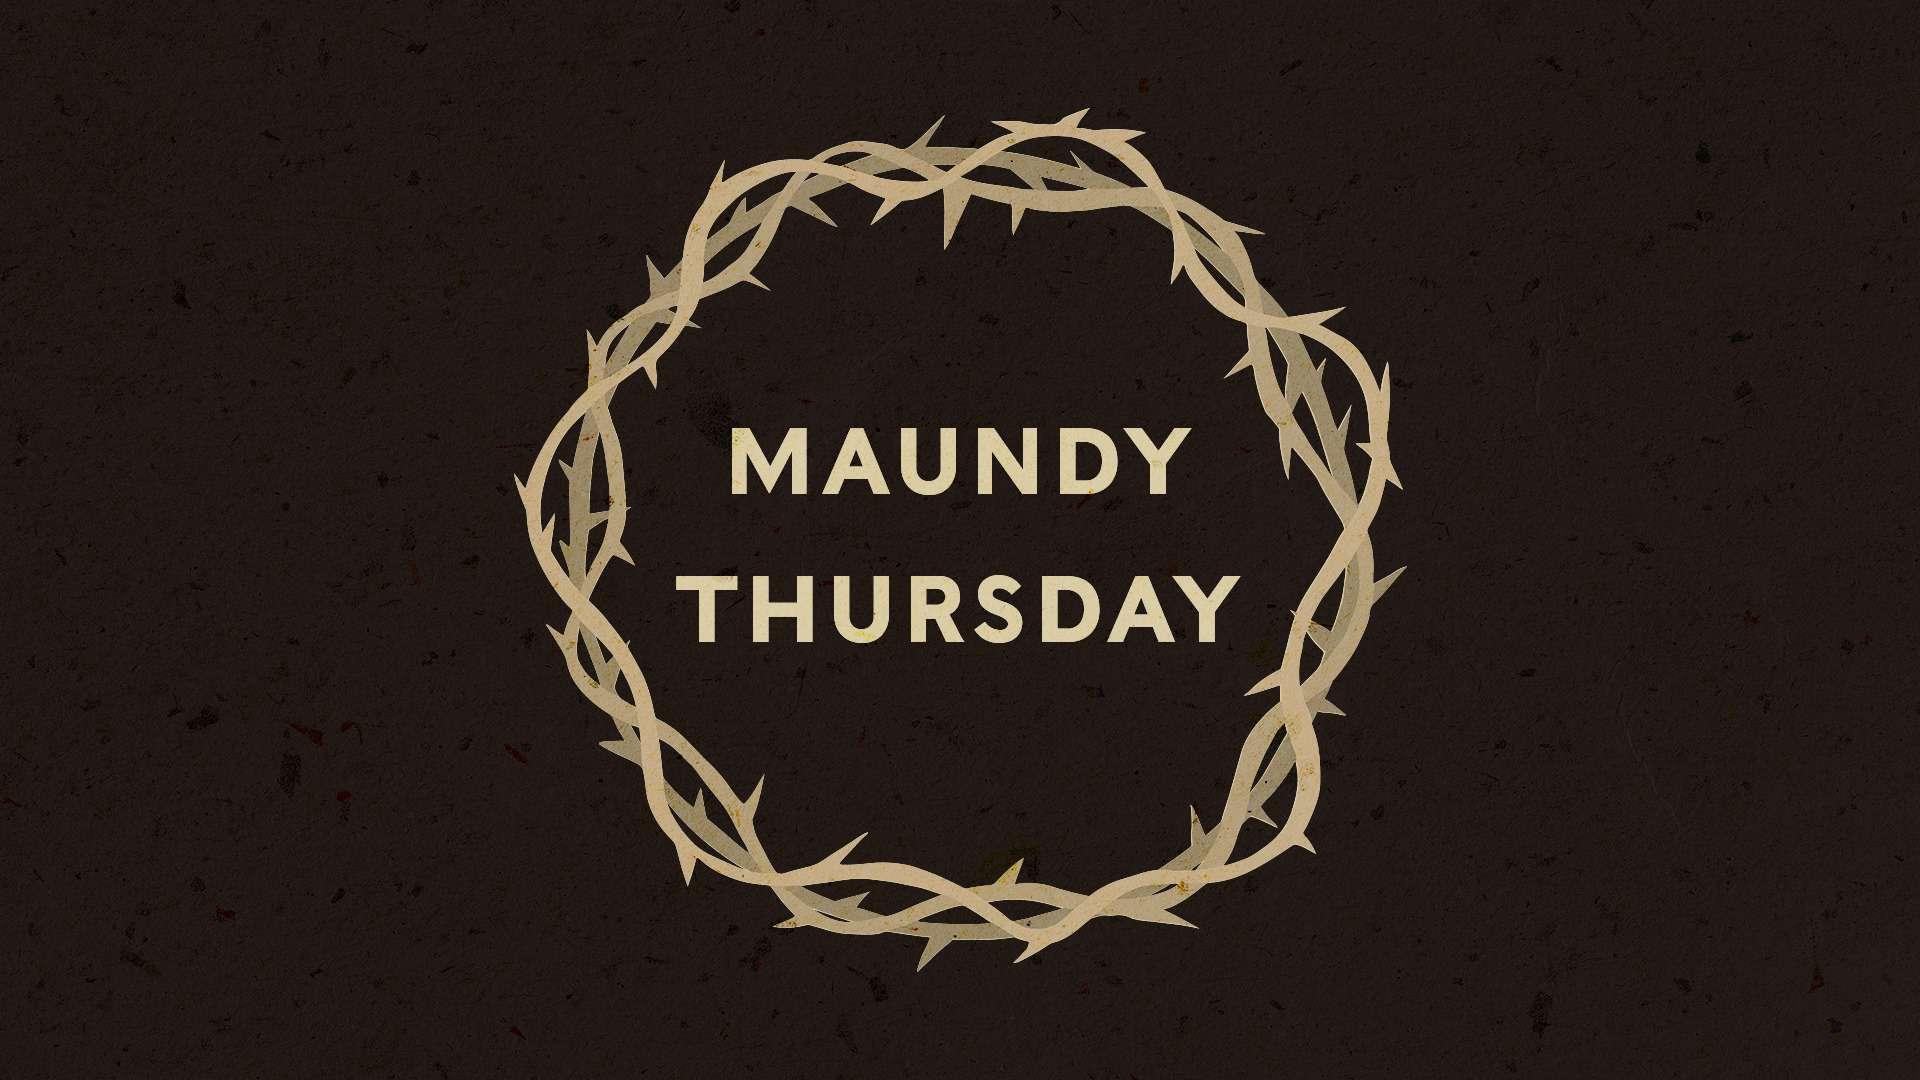 Maundy Thursday Wishes Unique Image